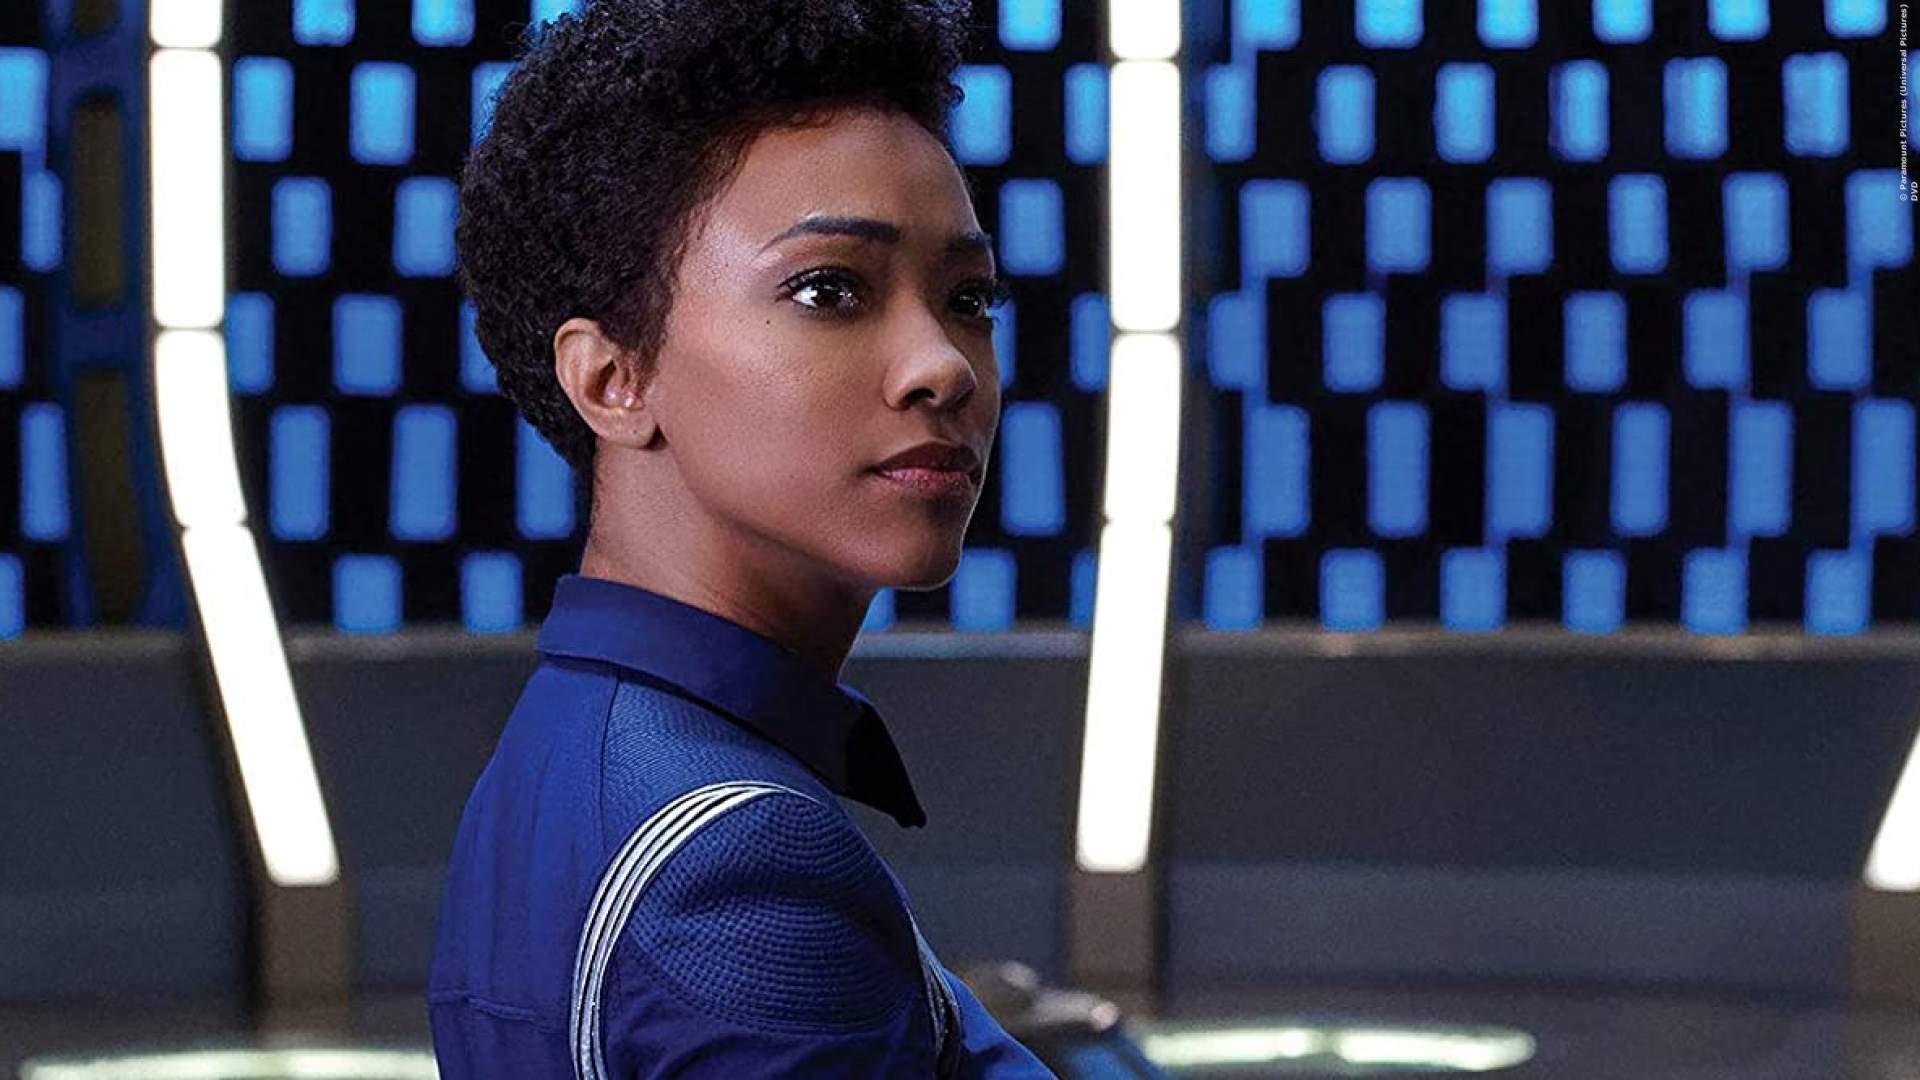 STAFFEL 3: Große Änderung in den neuen Folgen 'Star Trek Discovery'